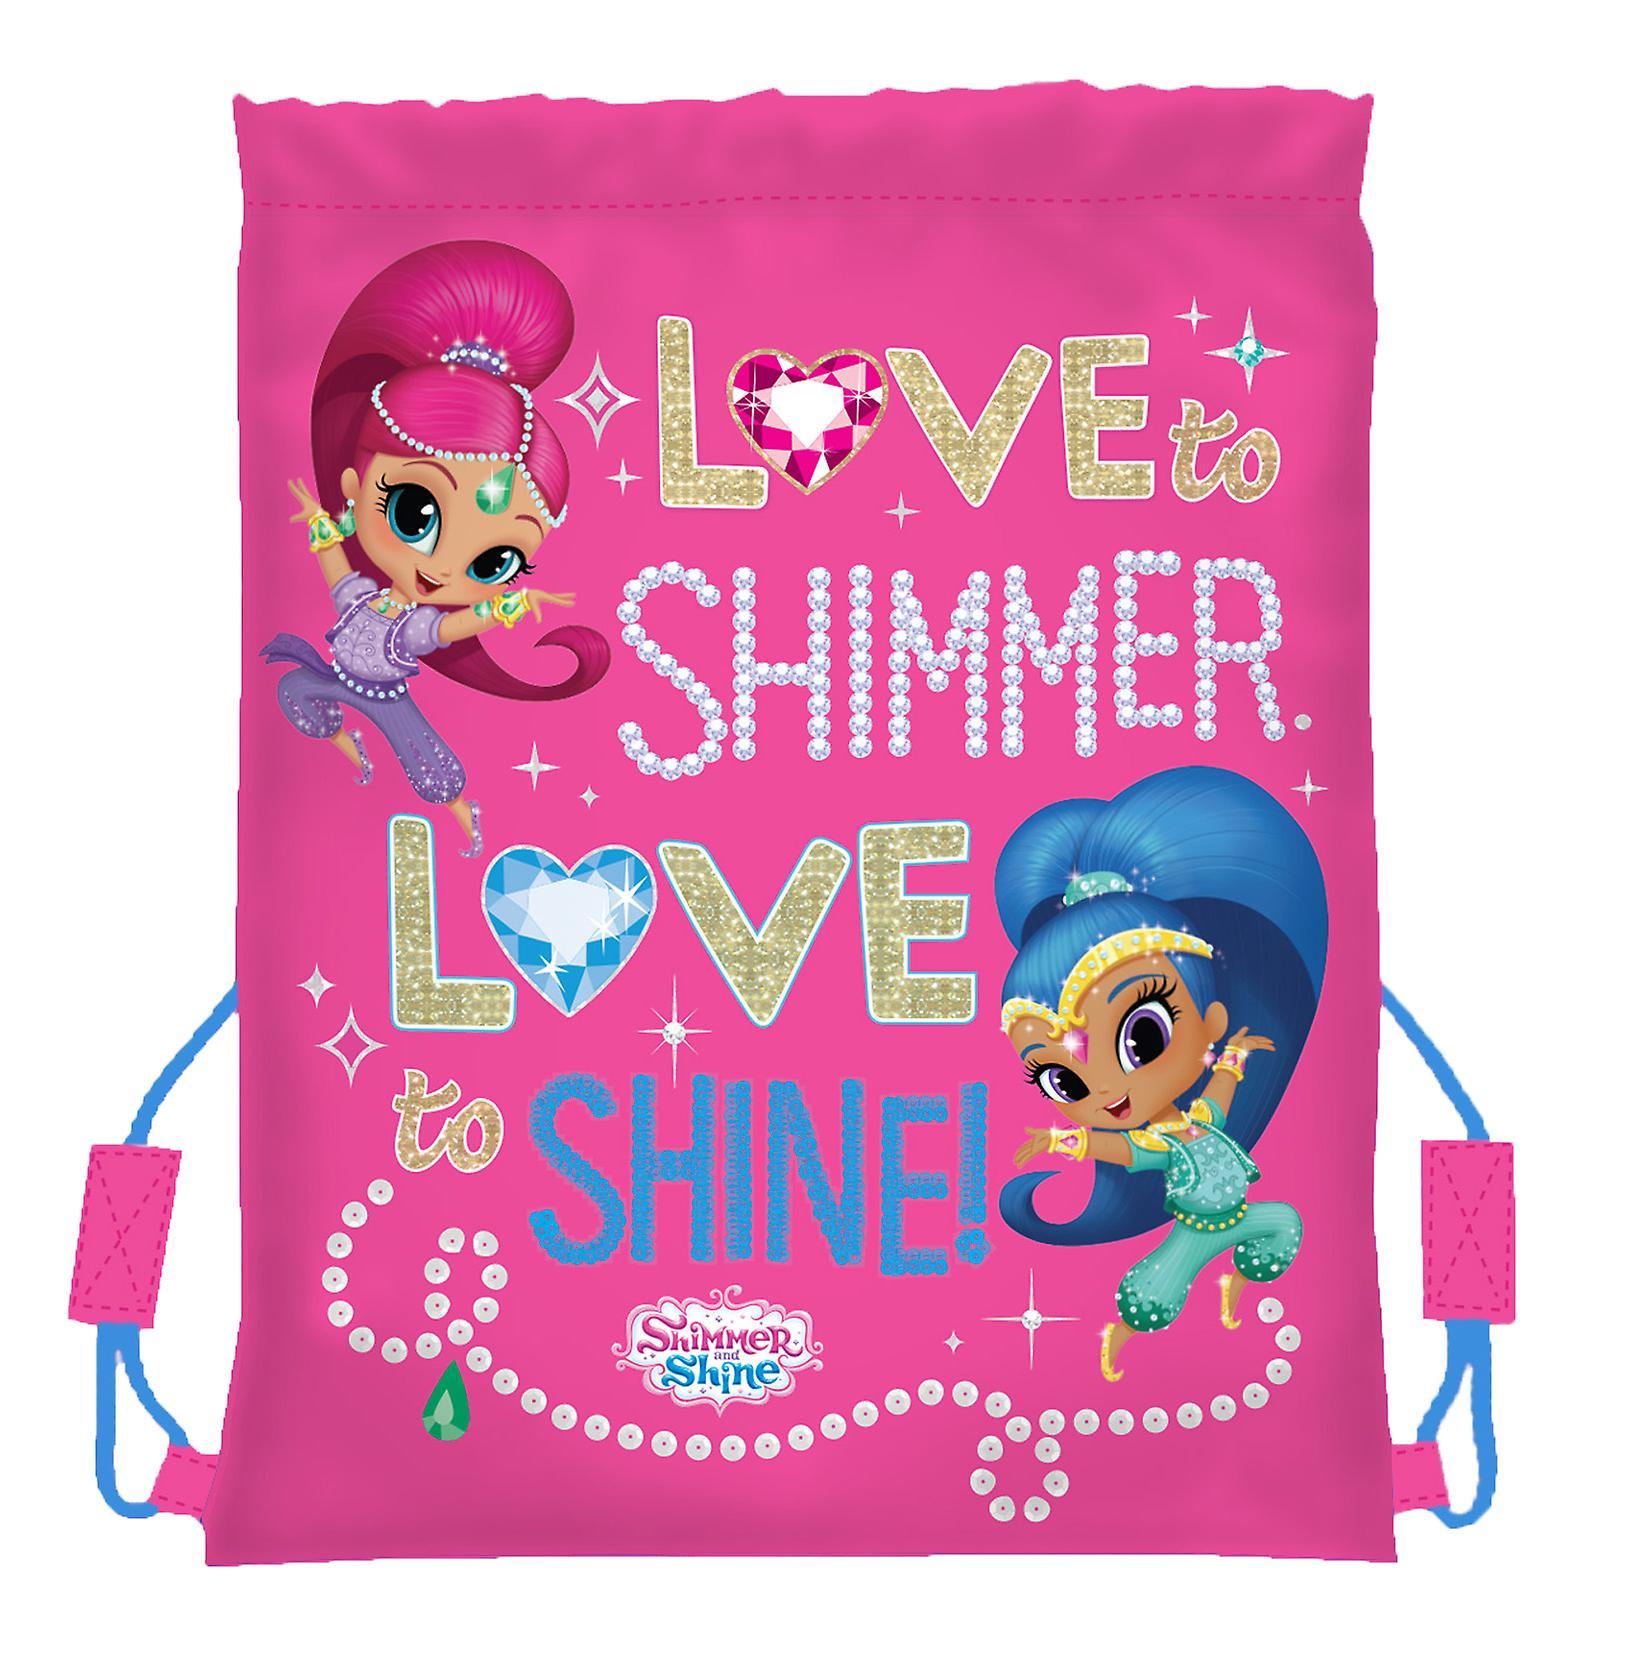 Girls Shimmer Shine pink drawstring kit bag